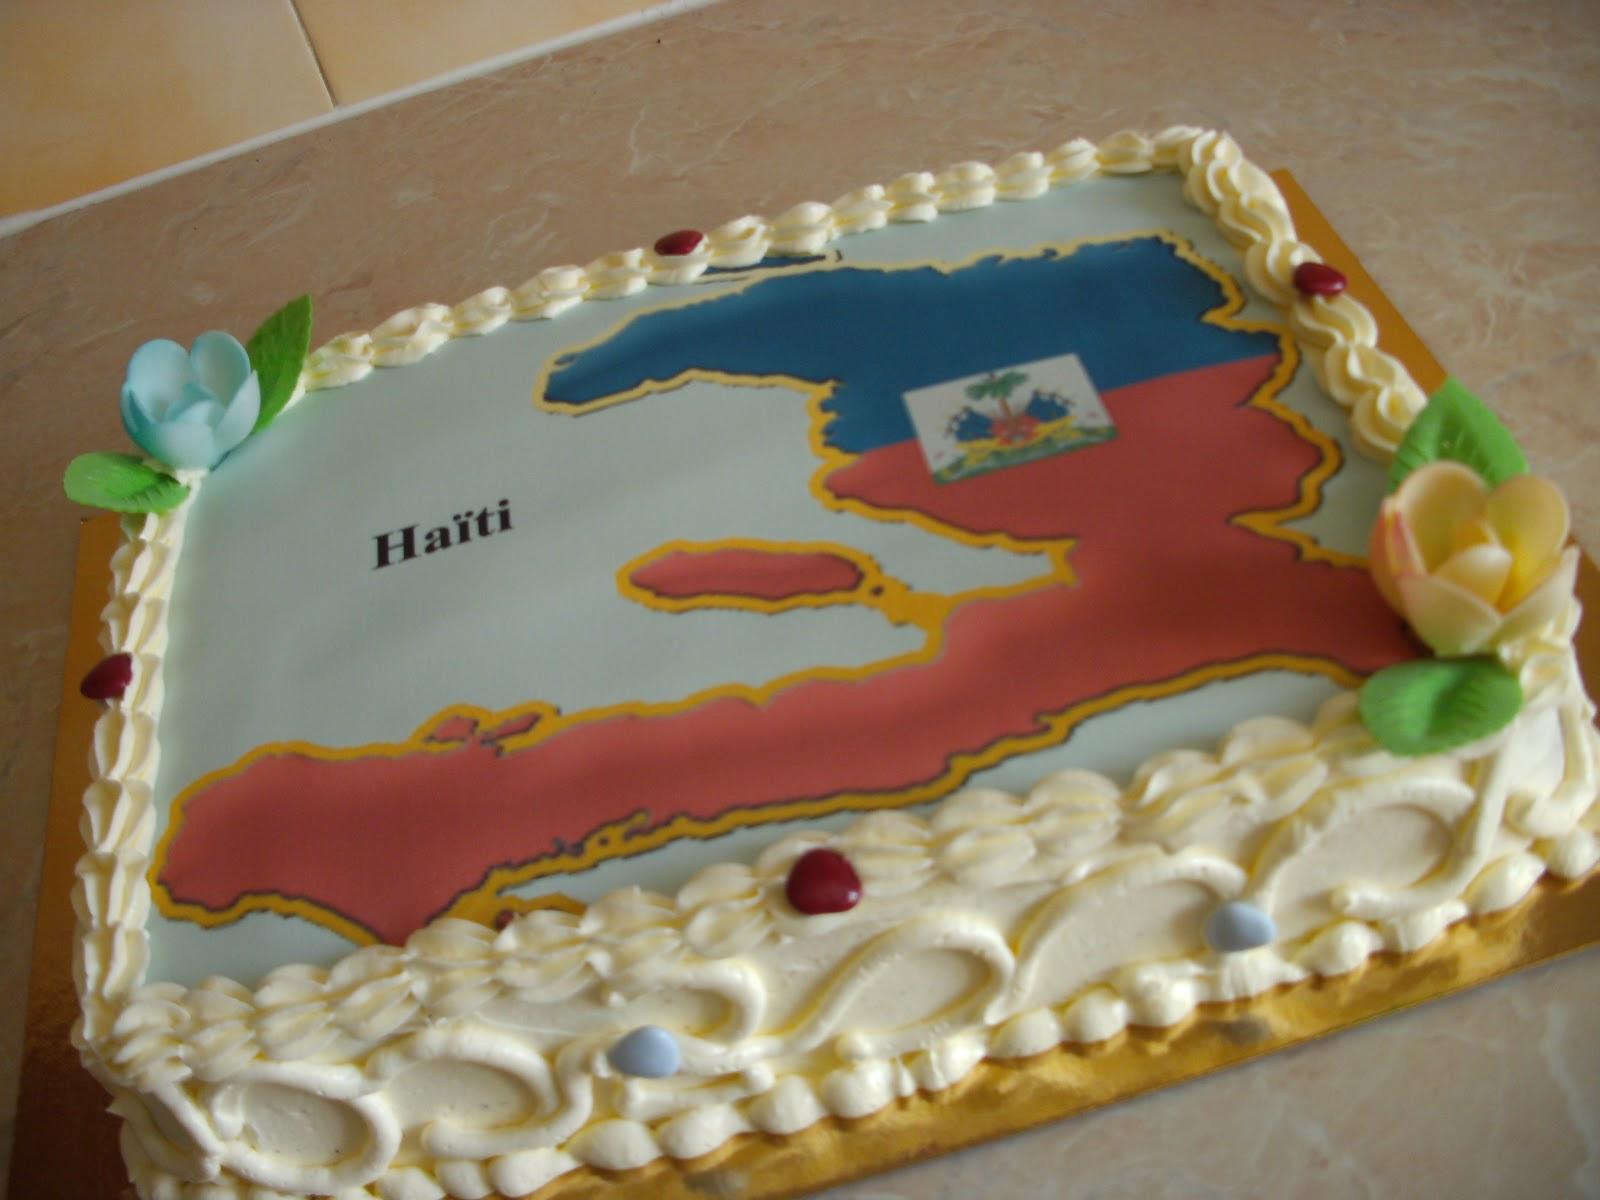 La Pâtisserie de Brunette: Gâteau haïtien personnalisé carte ...